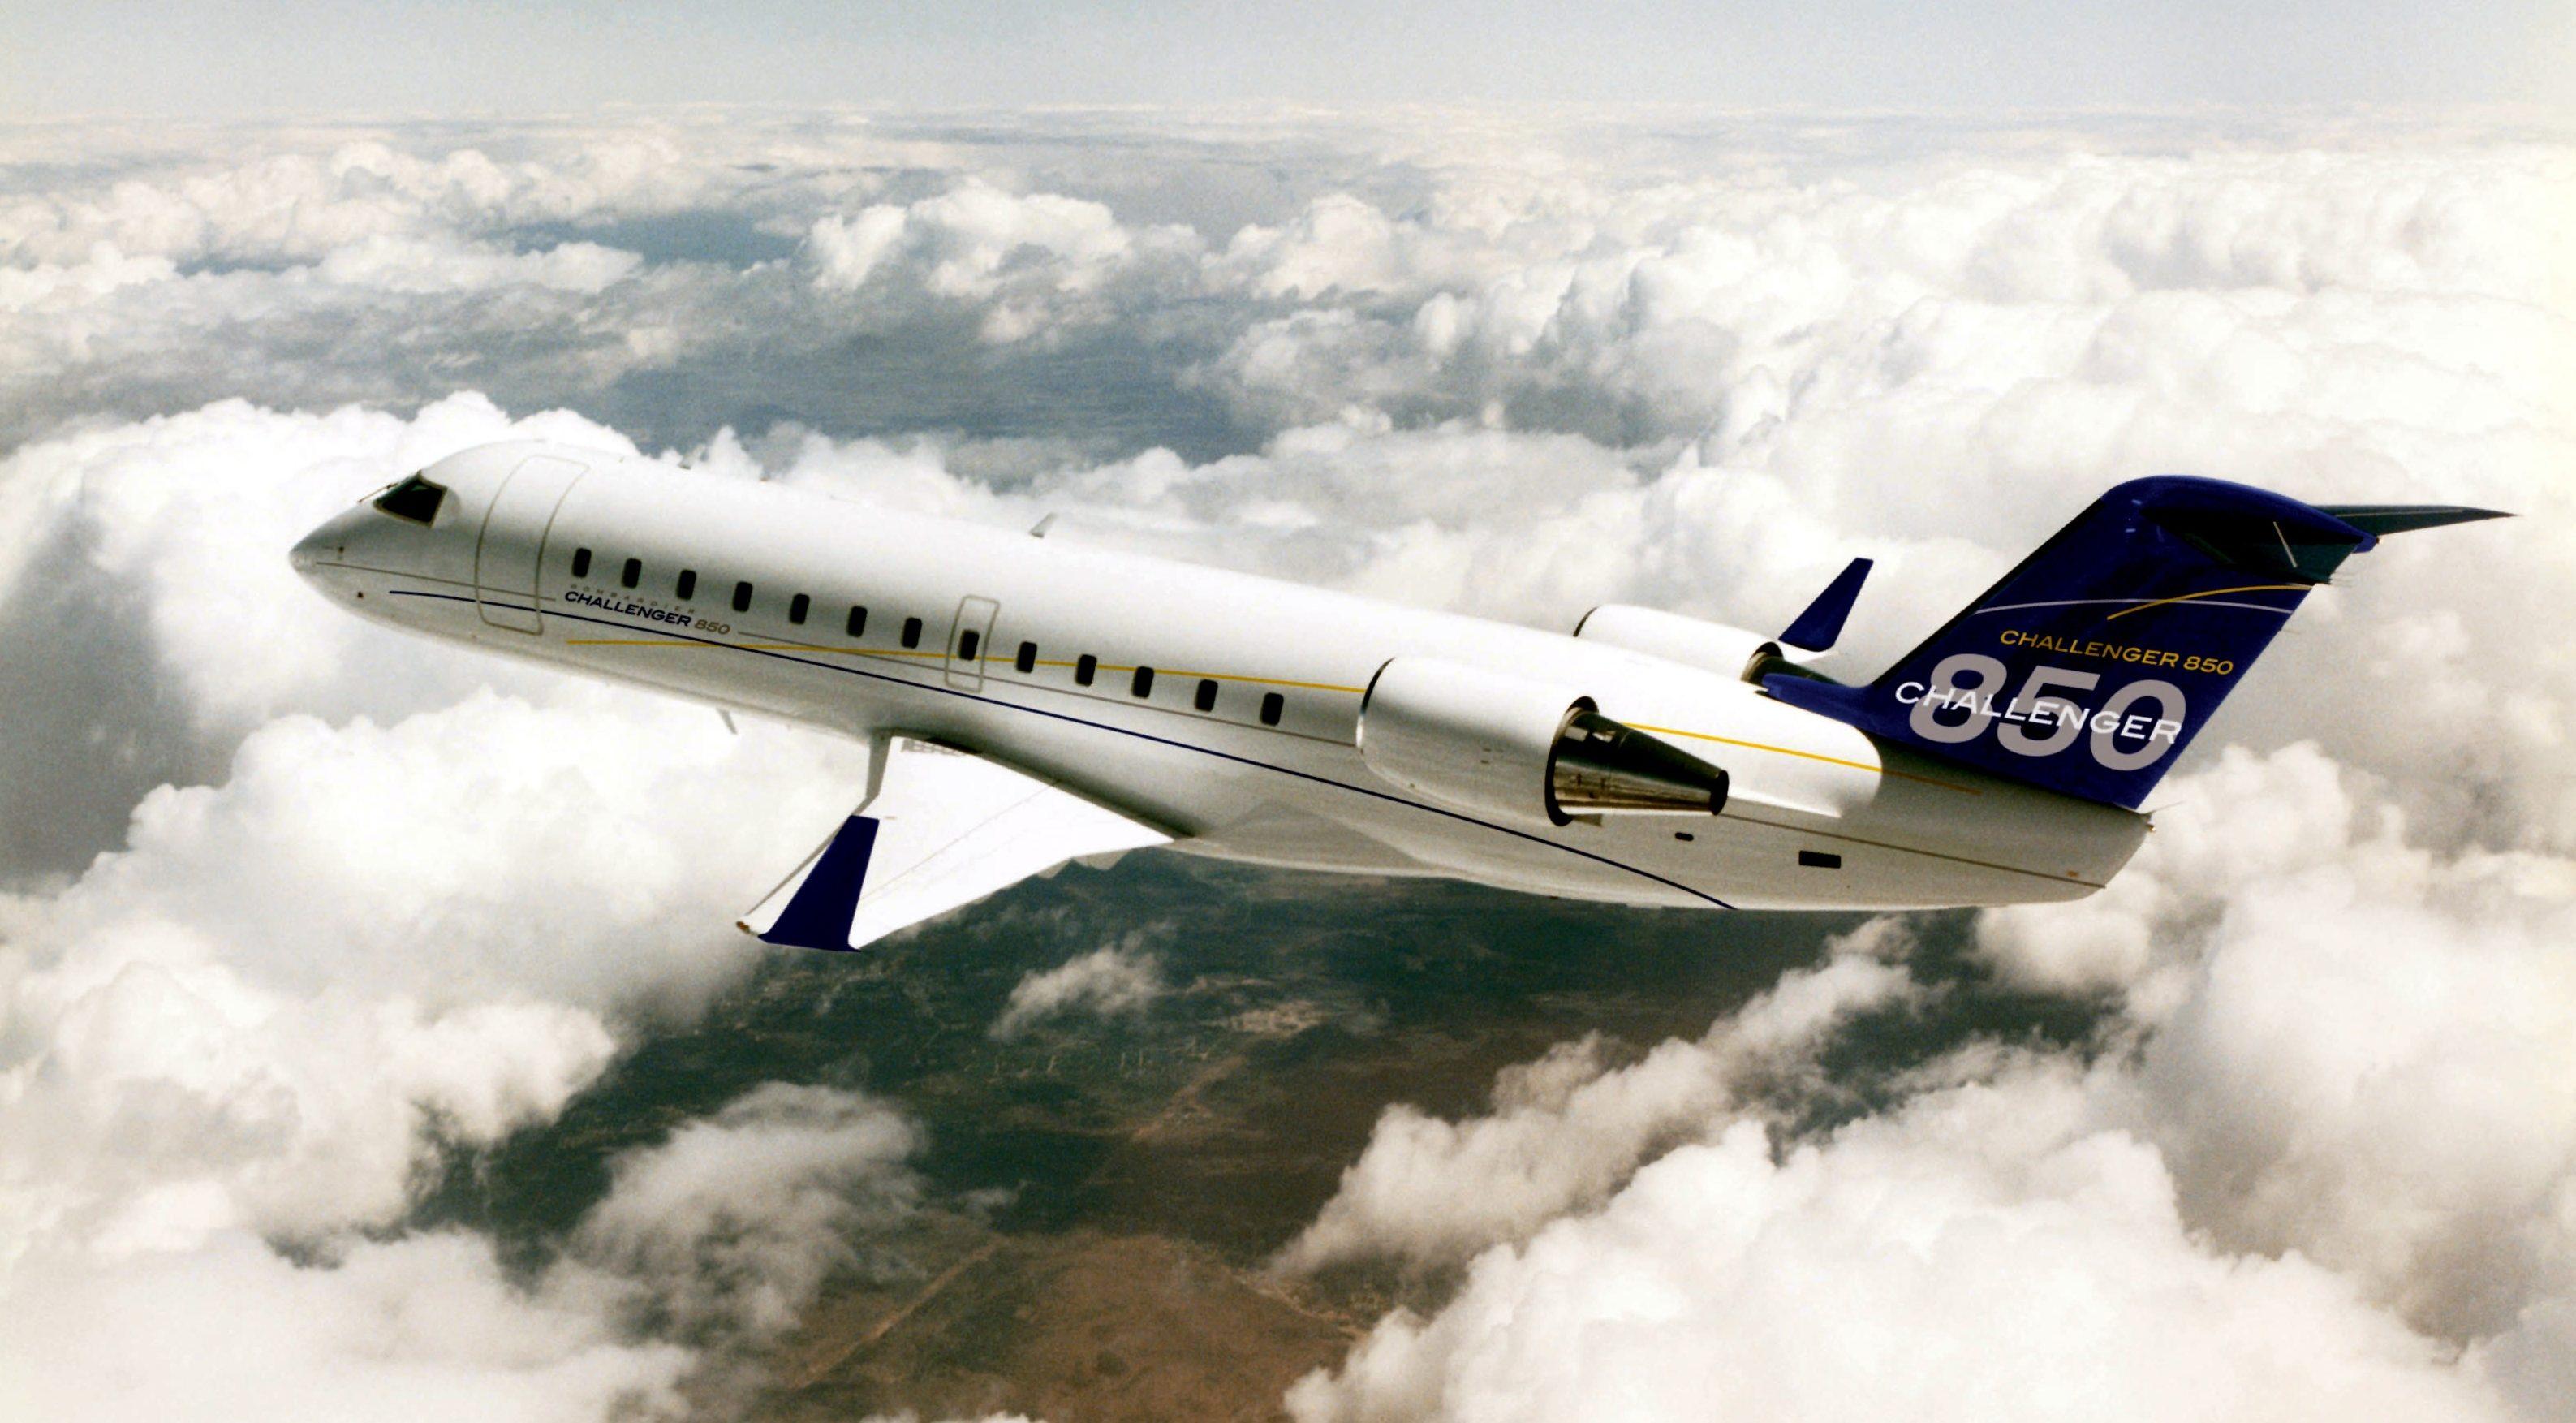 Challenger 850 charter jet